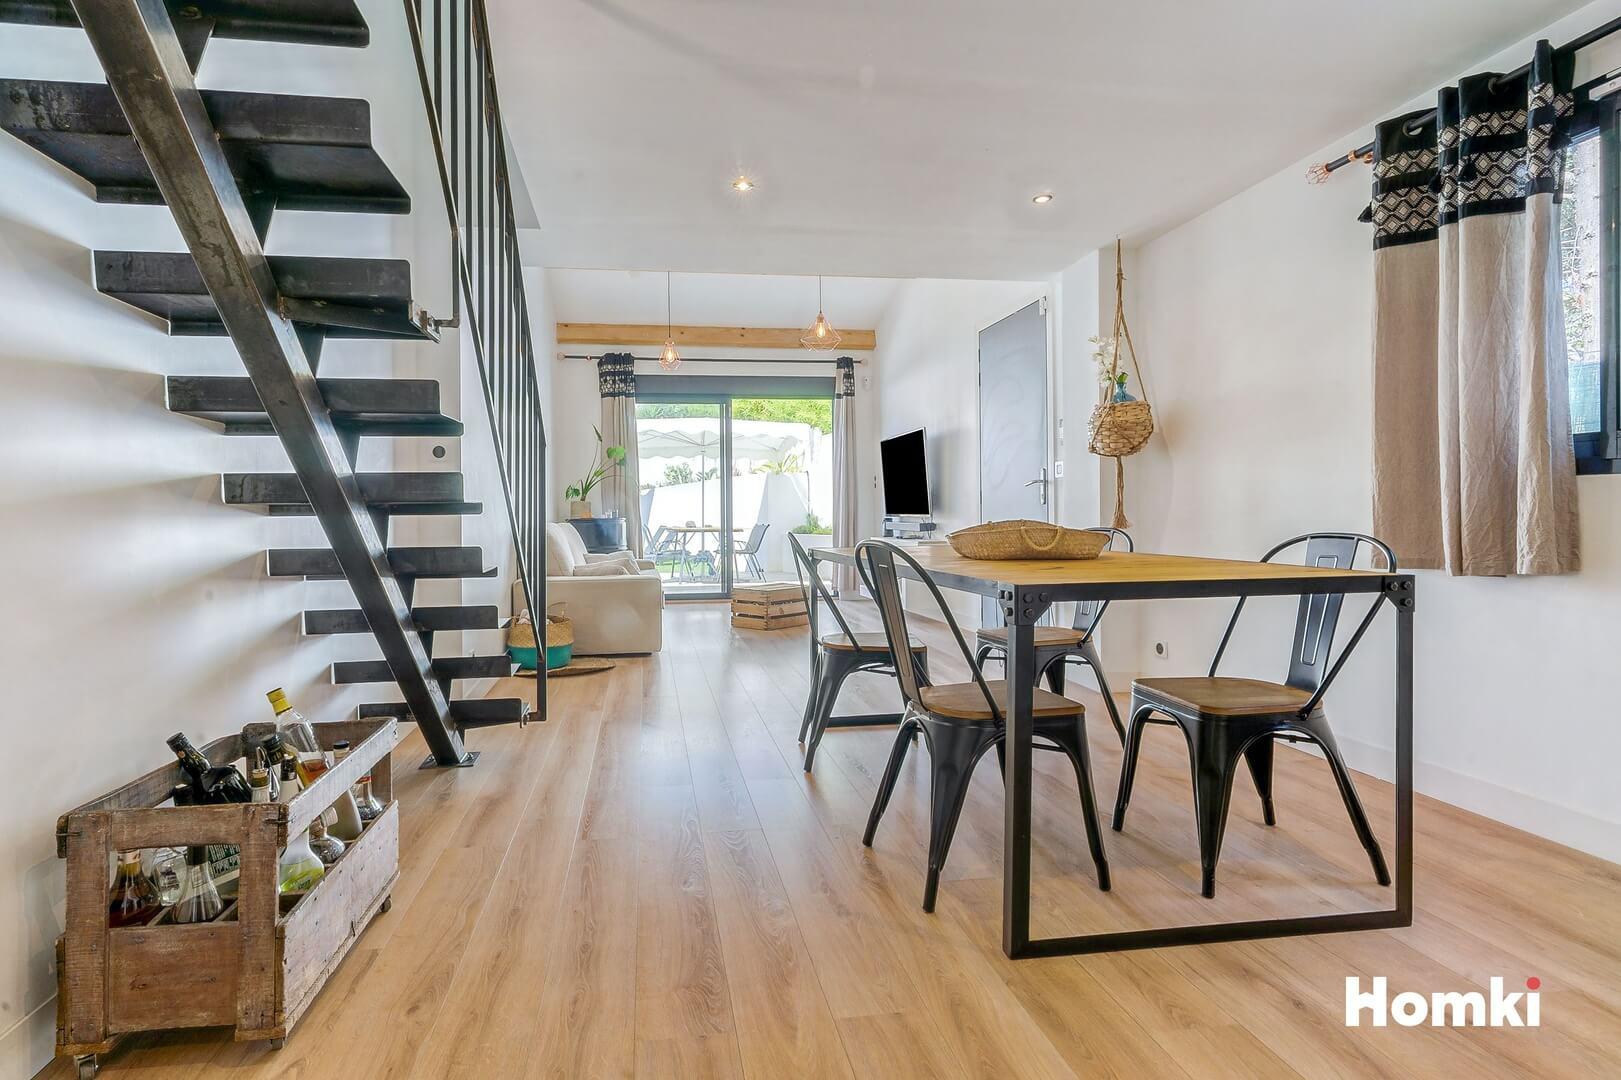 Homki - Vente Maison/villa  de 66.0 m² à Allauch 13190